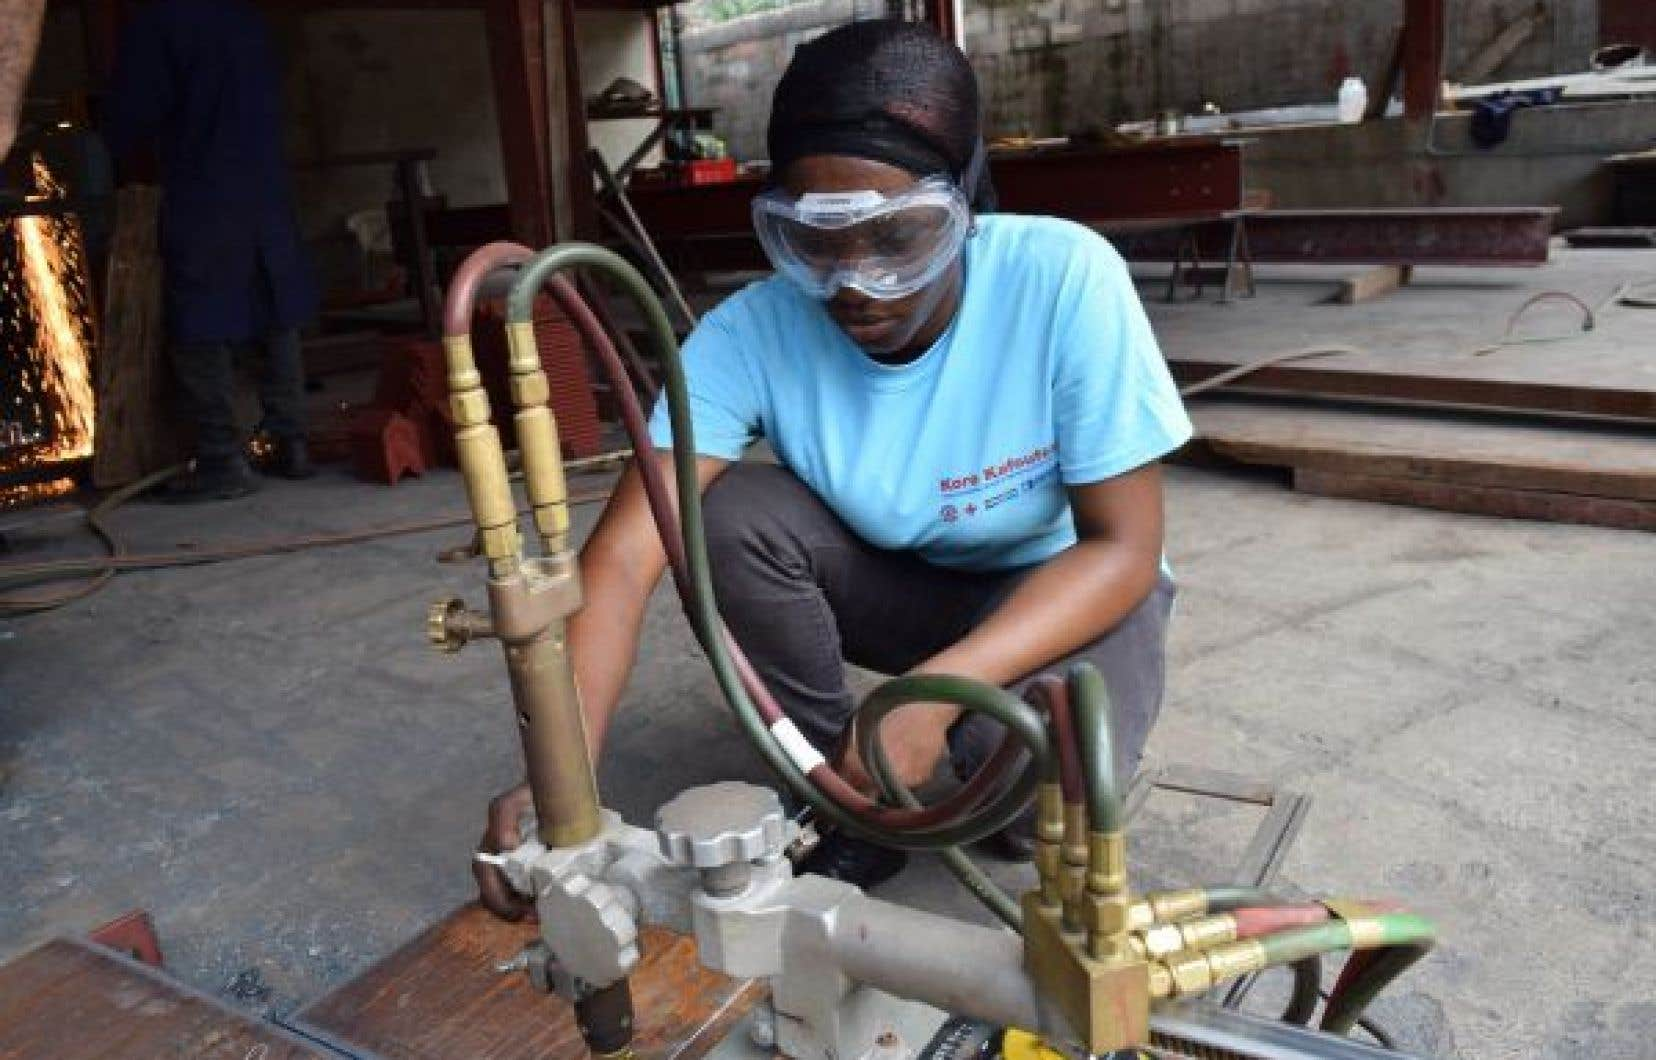 Le programme de formation du CECI vient bousculer les mentalités en Haïti en brisant l'idée que certains métiers sont strictement réservés aux hommes.